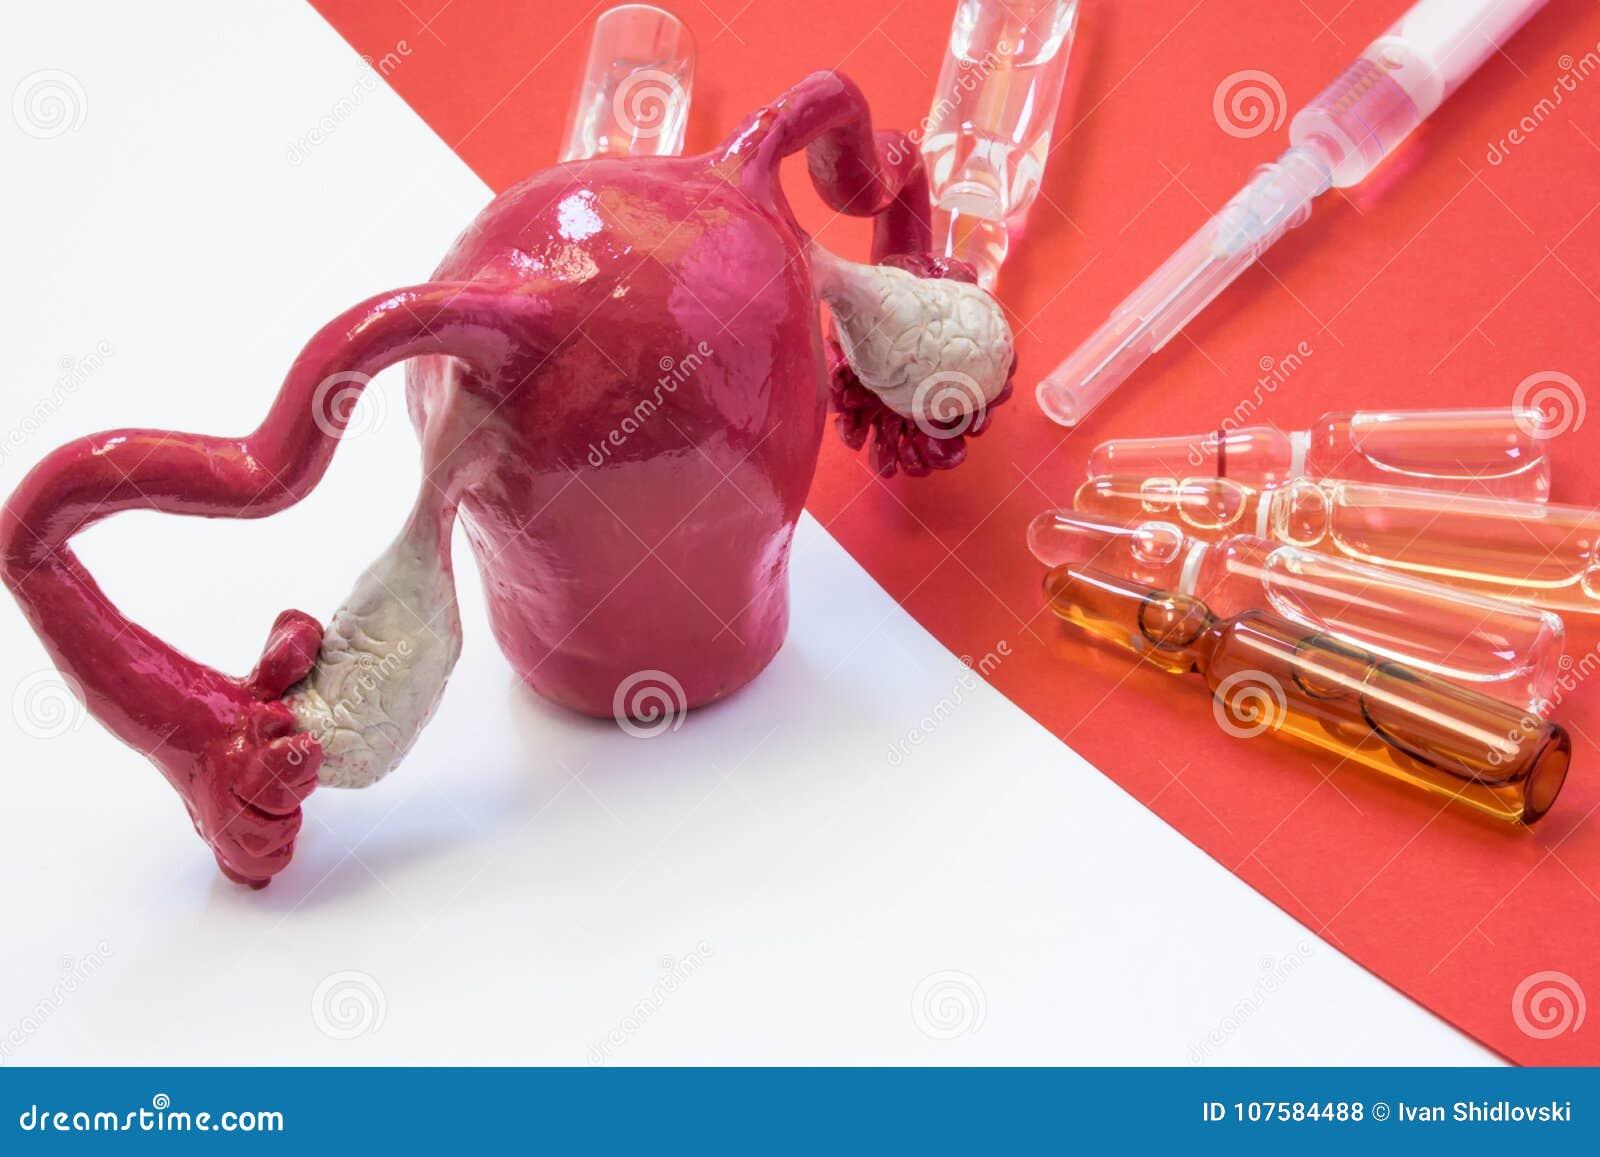 Сцена обрабатывать или вакцинирование матки, STD или генитальных заболеваний - острой и хронической Анатомическая модель матки с